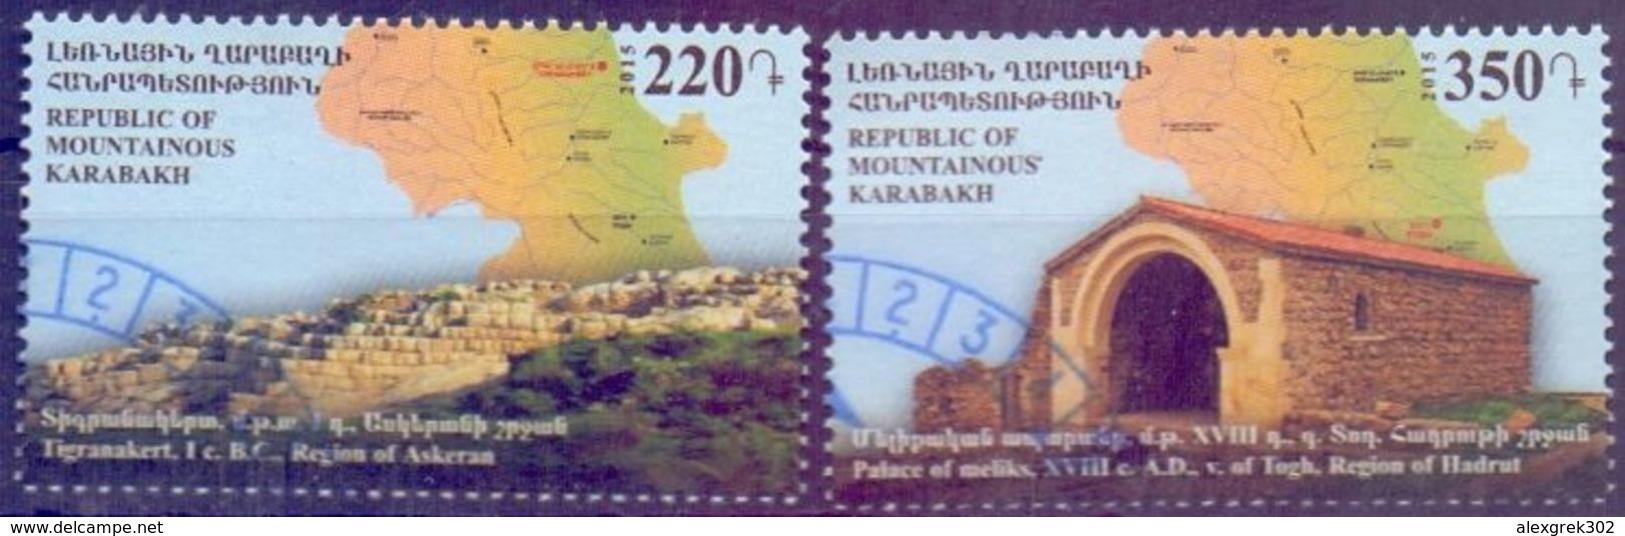 Used Armenia - Karabakh2015, Sights 2V. - Armenië